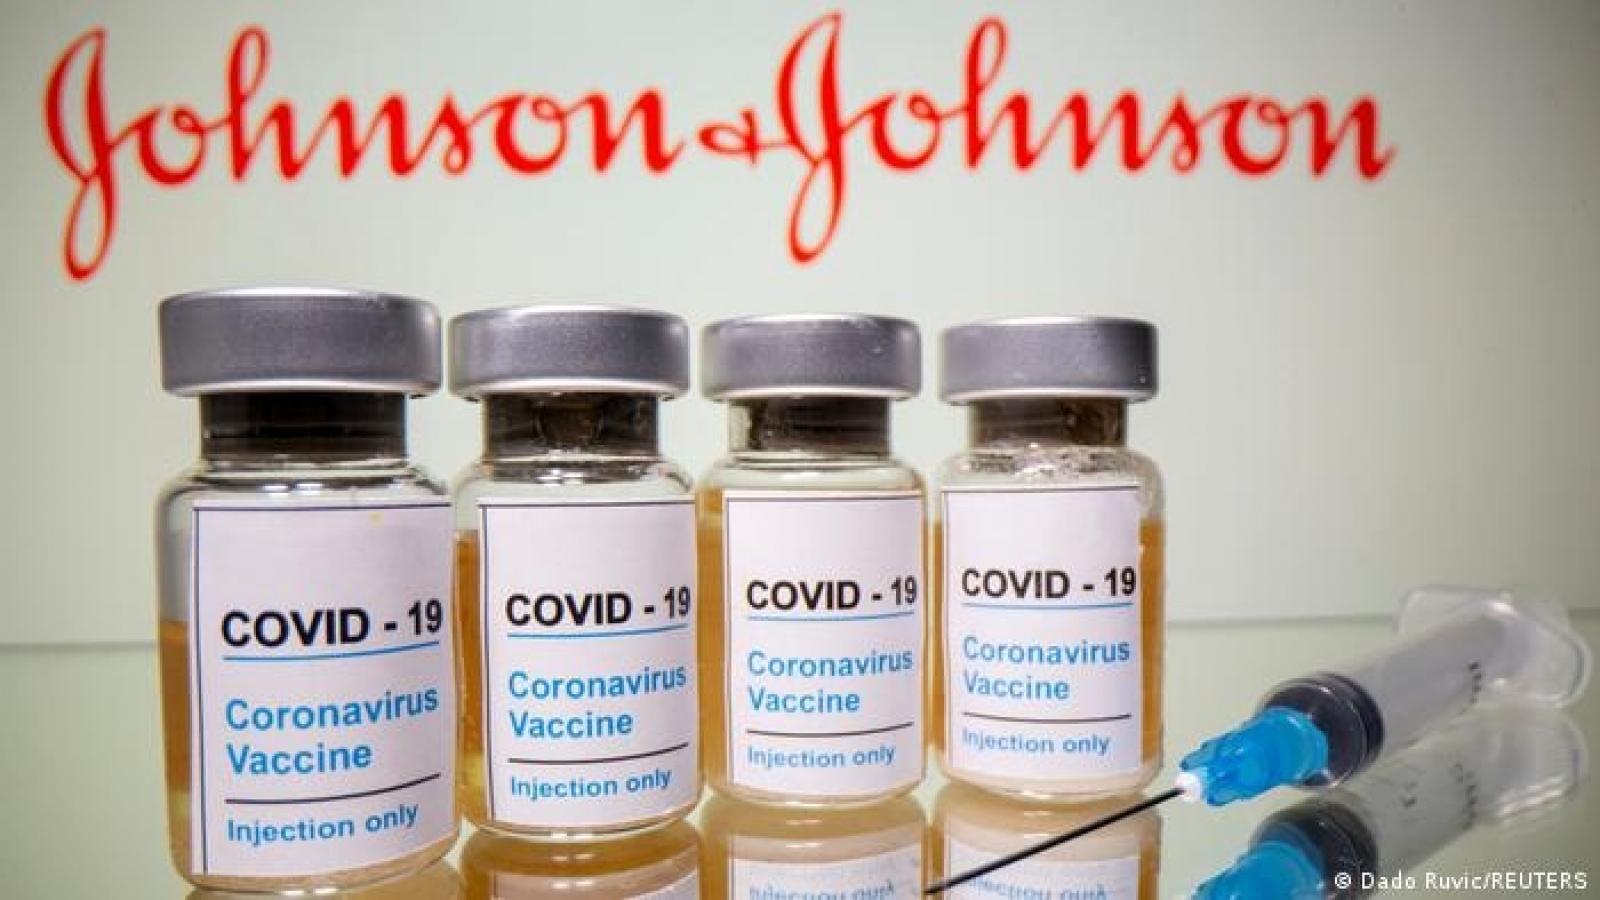 Johnson & Johnson chuẩn bị bắt đầu nghiên cứu vaccine Covid-19 cho trẻ vị thành niên